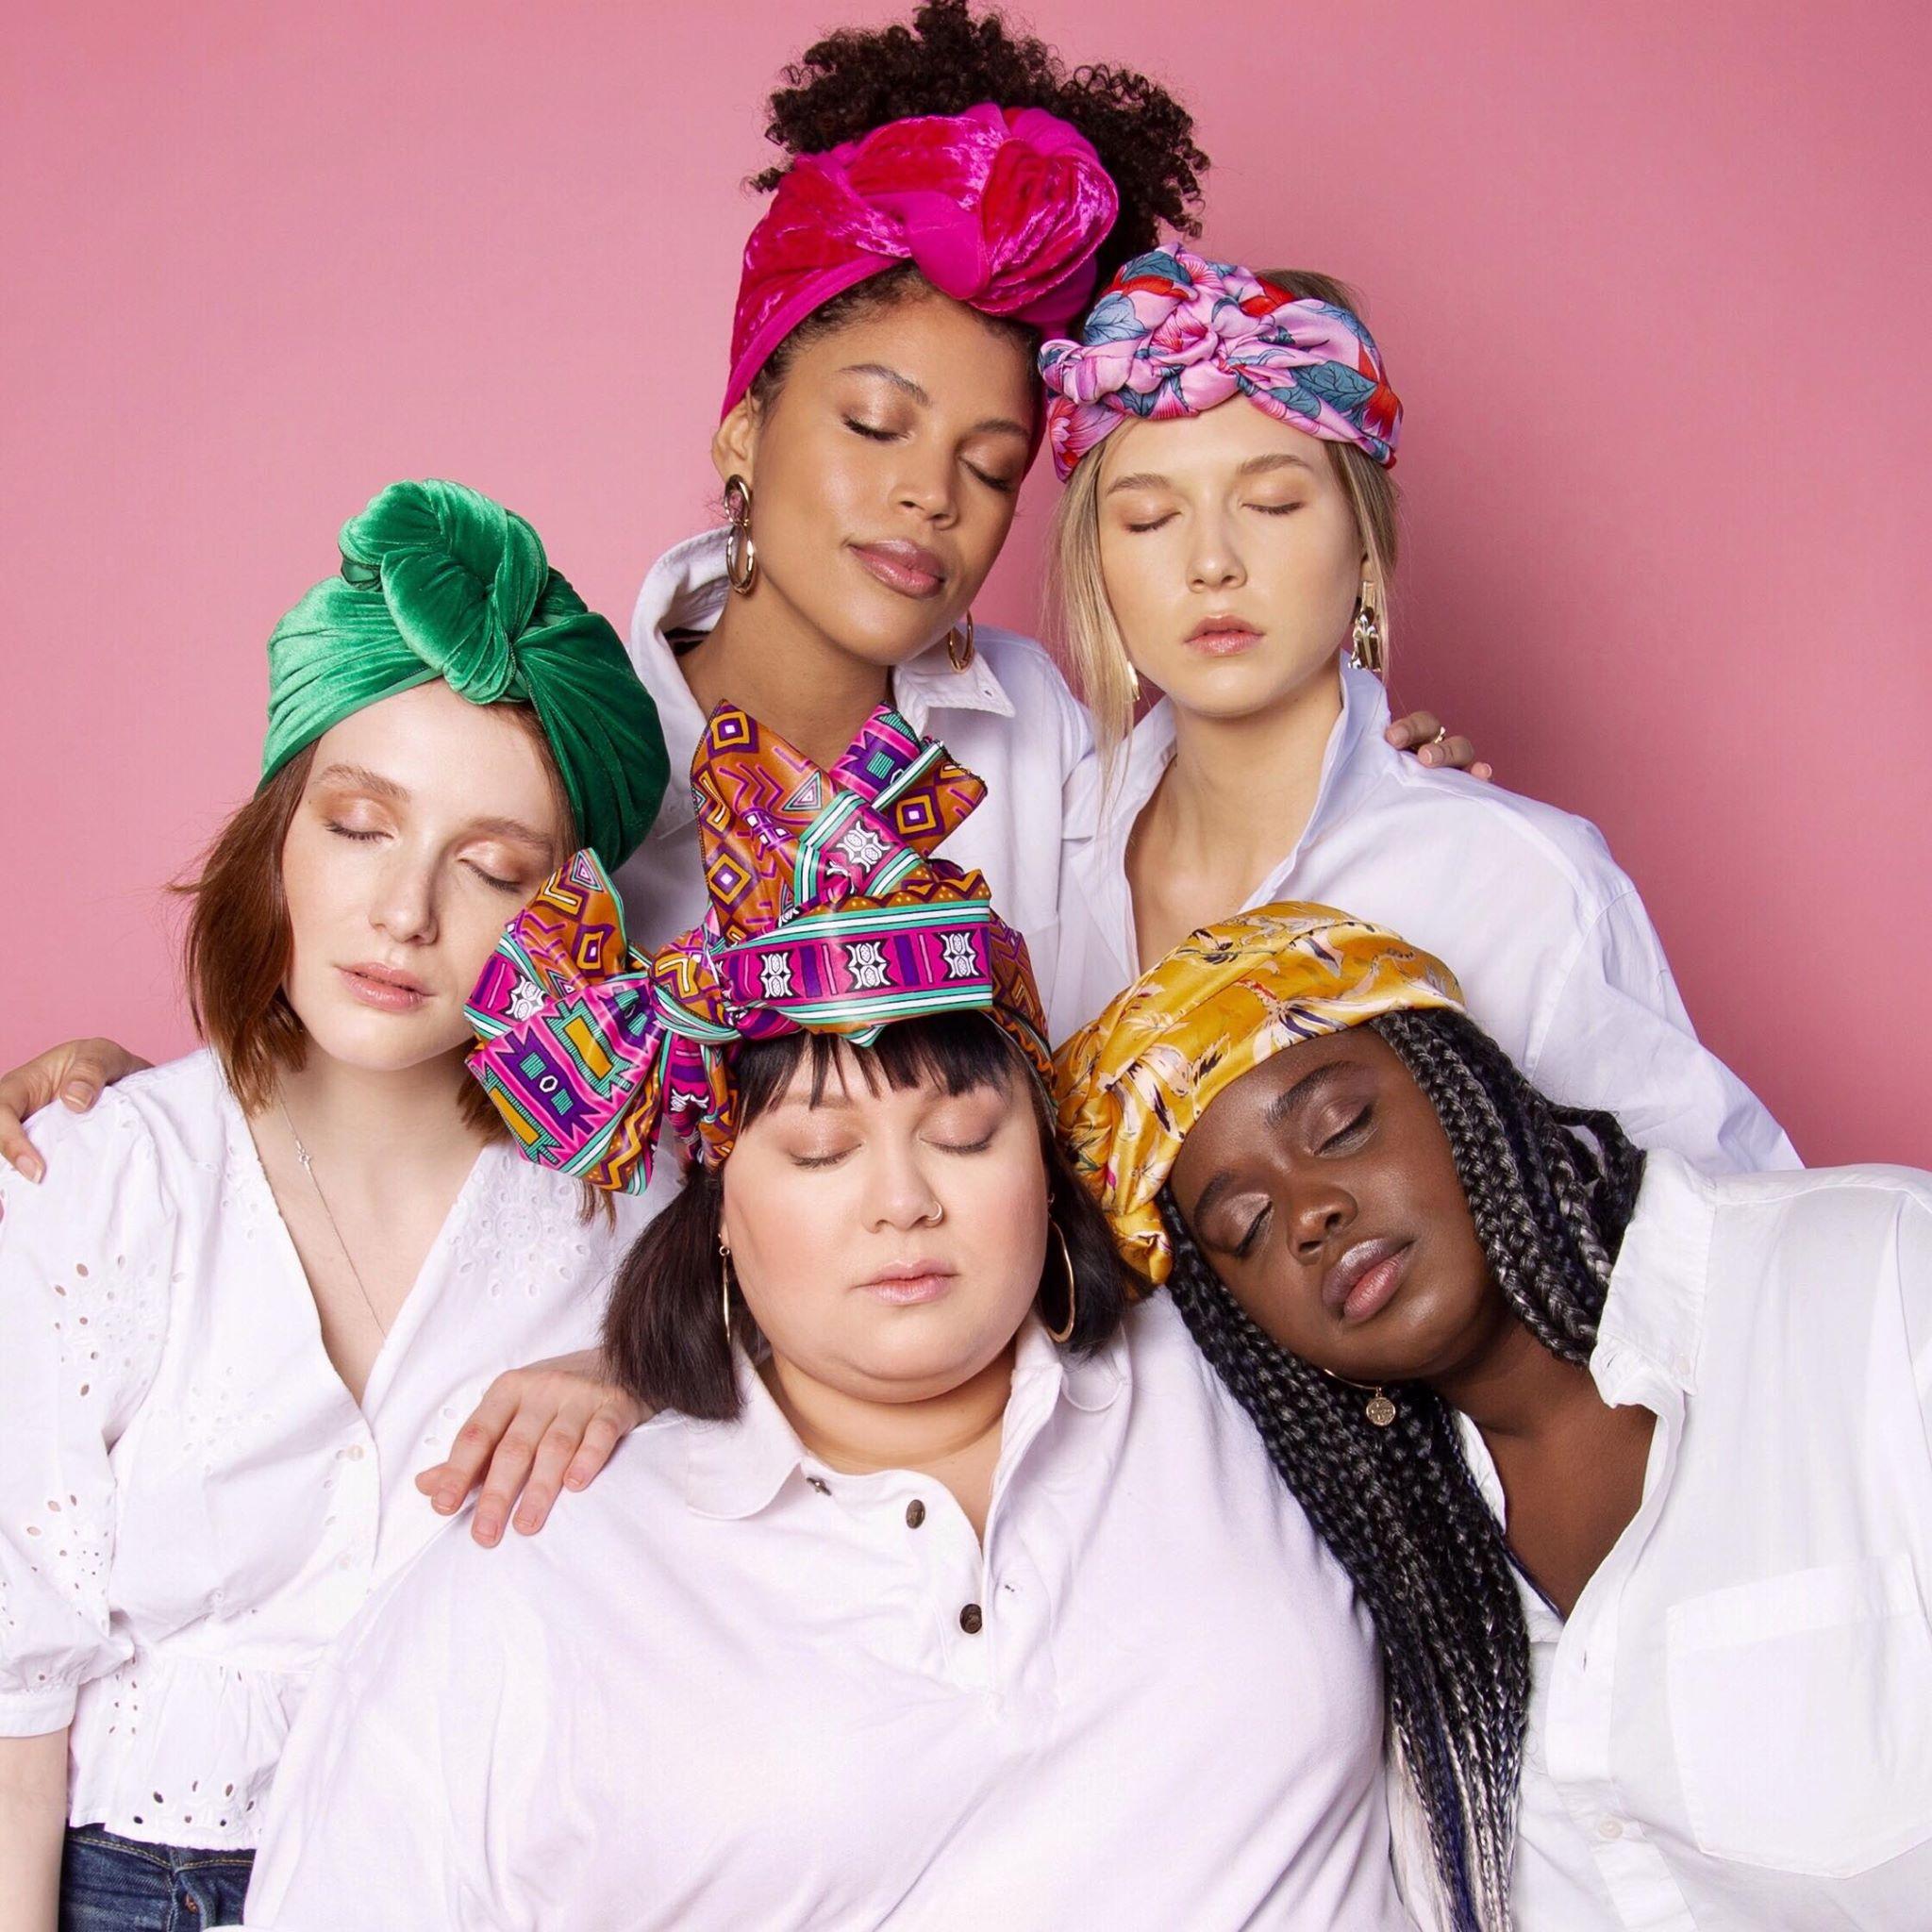 Crédit photo: Sarah Laroche  Modèles: Juliette Gariépy, Vanessa Duchelle, Jessica Prudencio, Mahée Poirier & Cath Darbouze